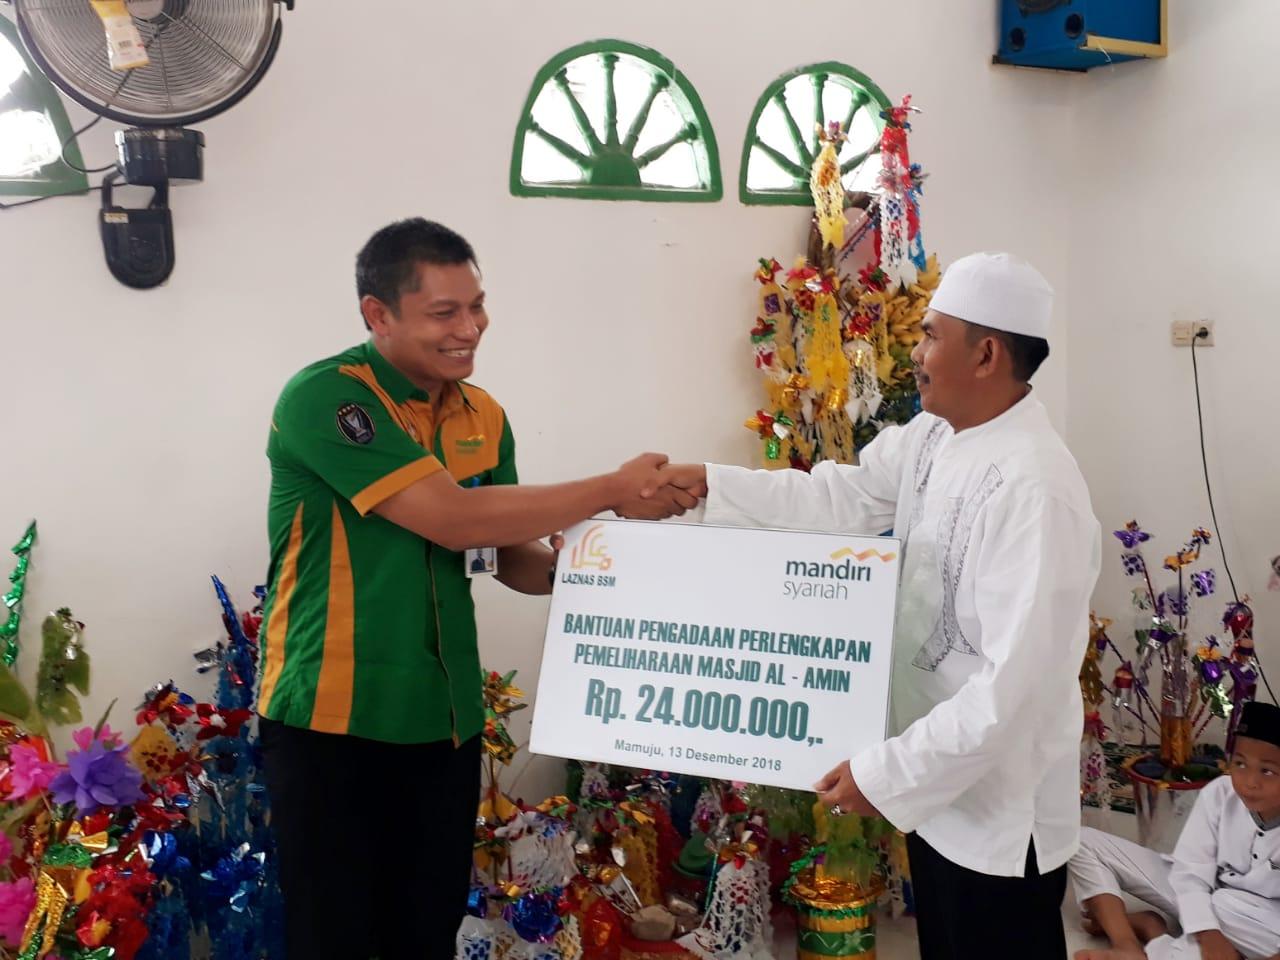 BSM Cabang Mamuju Suntik Bantuan Rp. 24 Juta ke Masjid Al-Amin